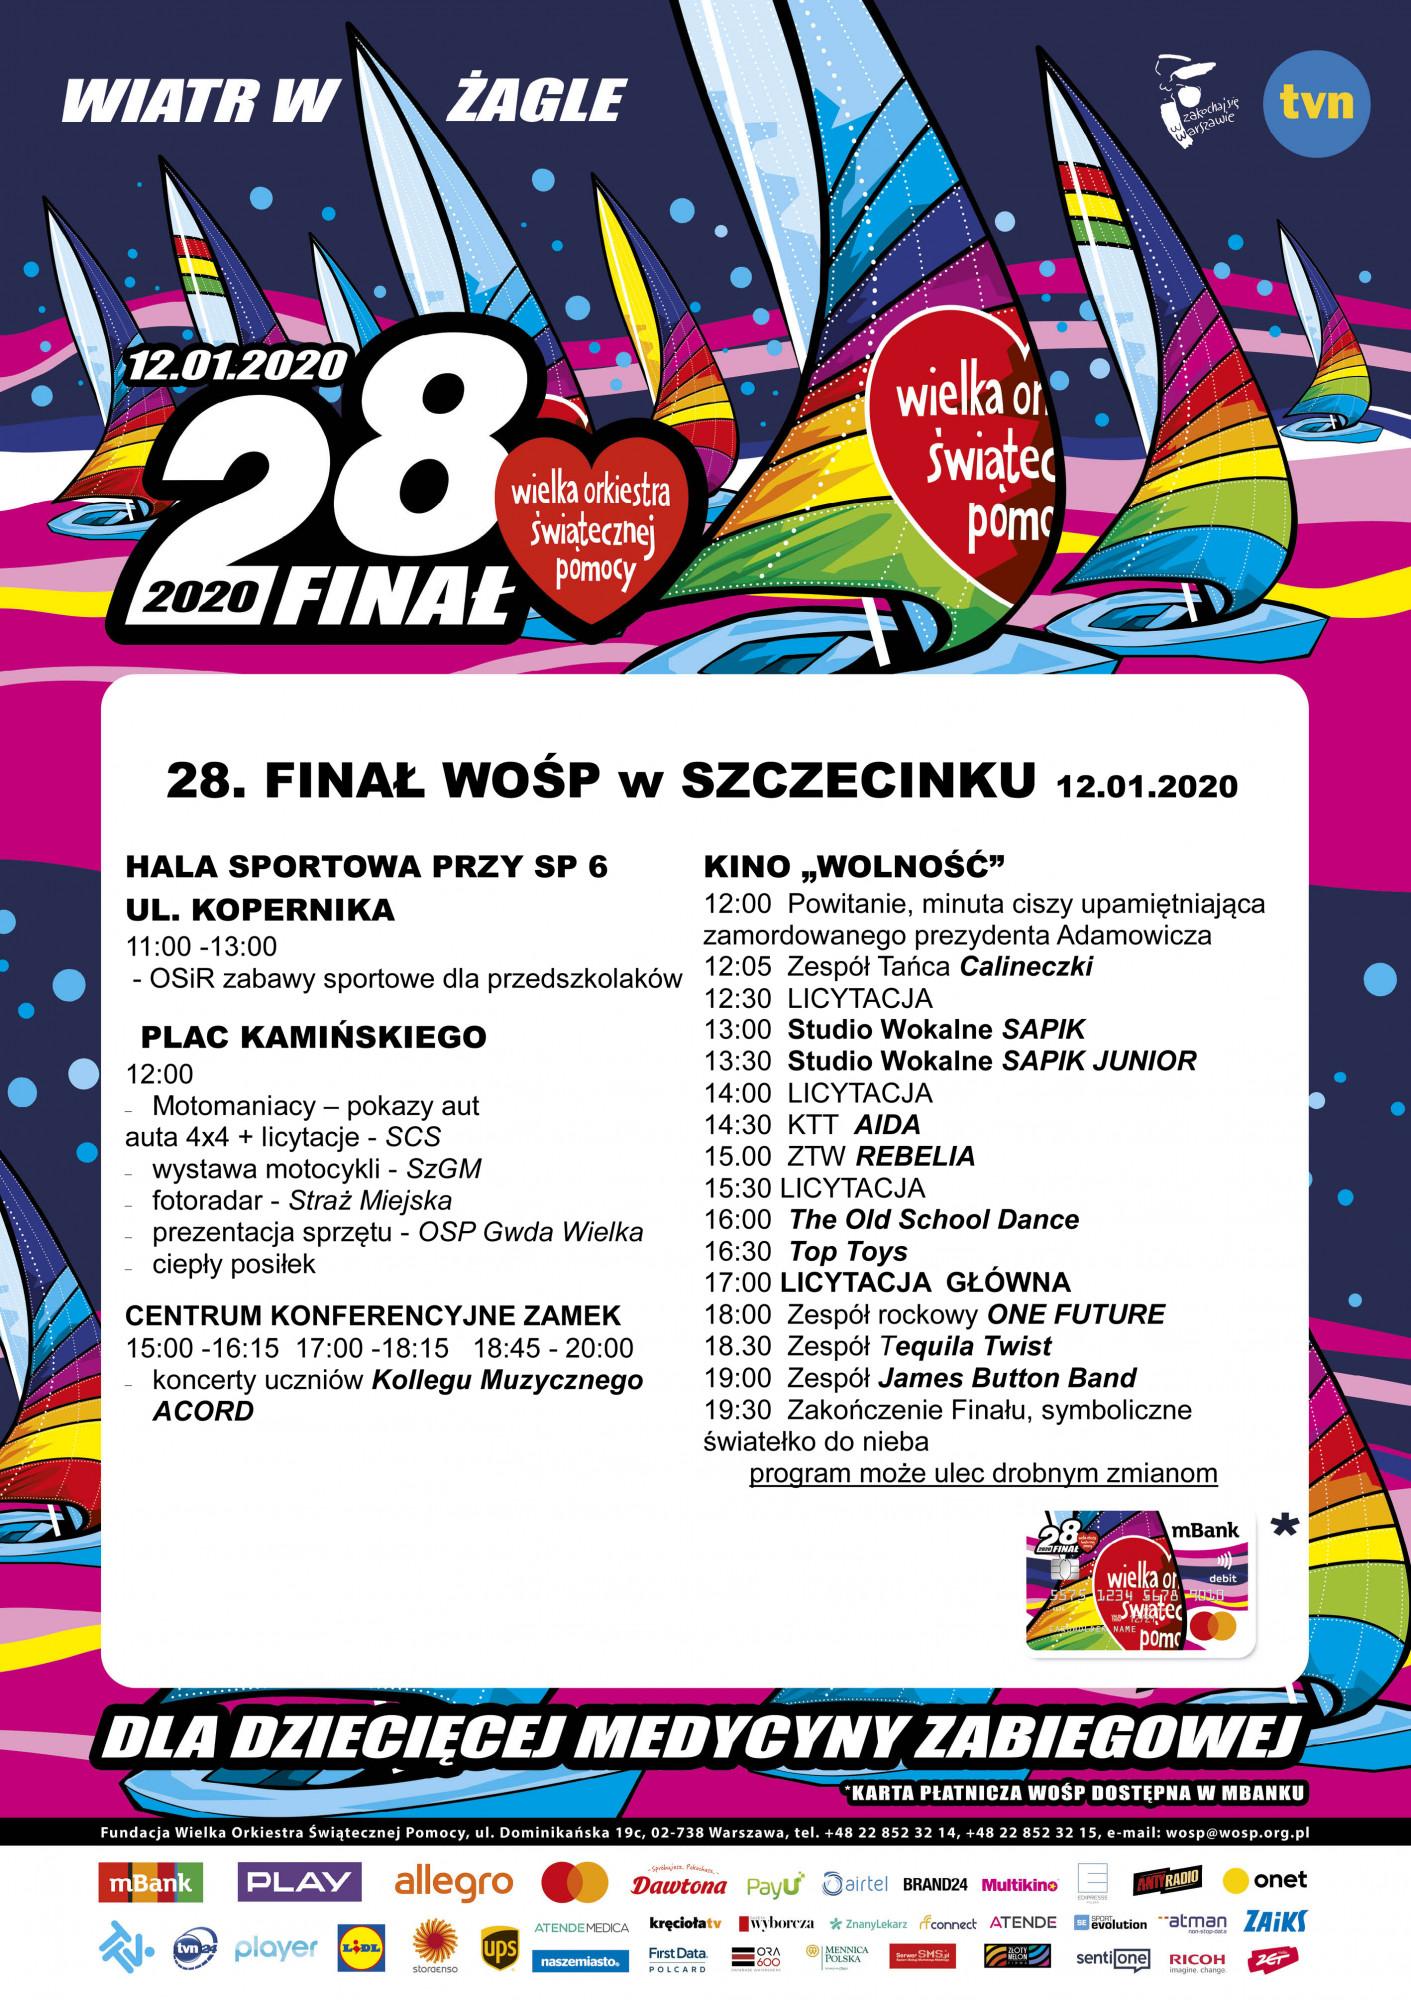 28 Finał WOŚP w Szczecinku